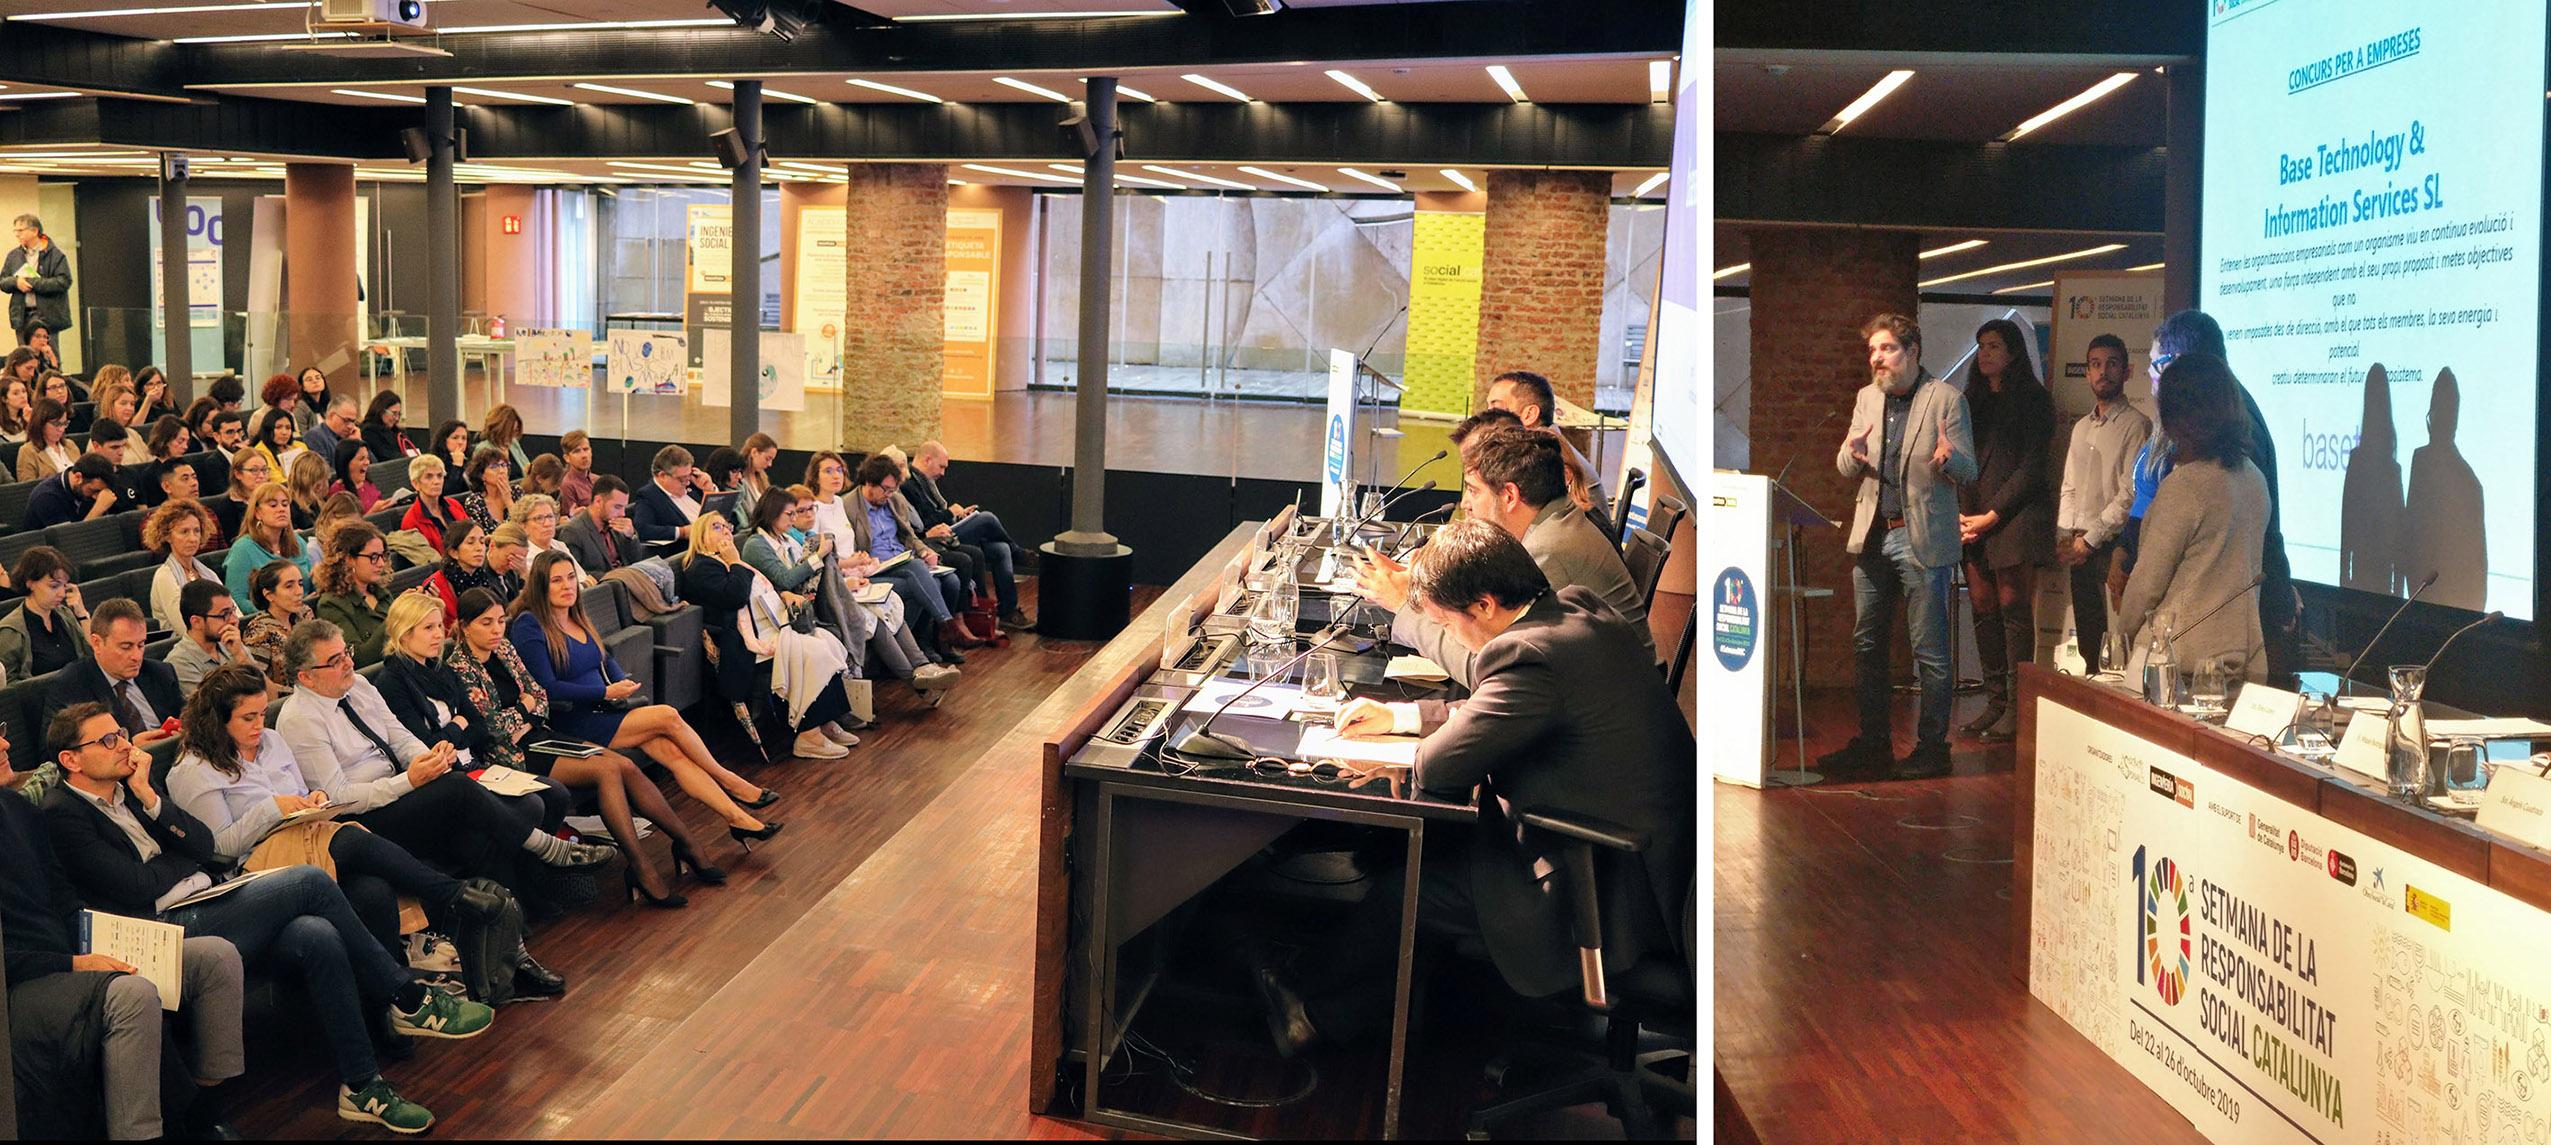 Taula rodona, amb intervenció d'Andreu Carreras, a l'auditori de La Pedrera